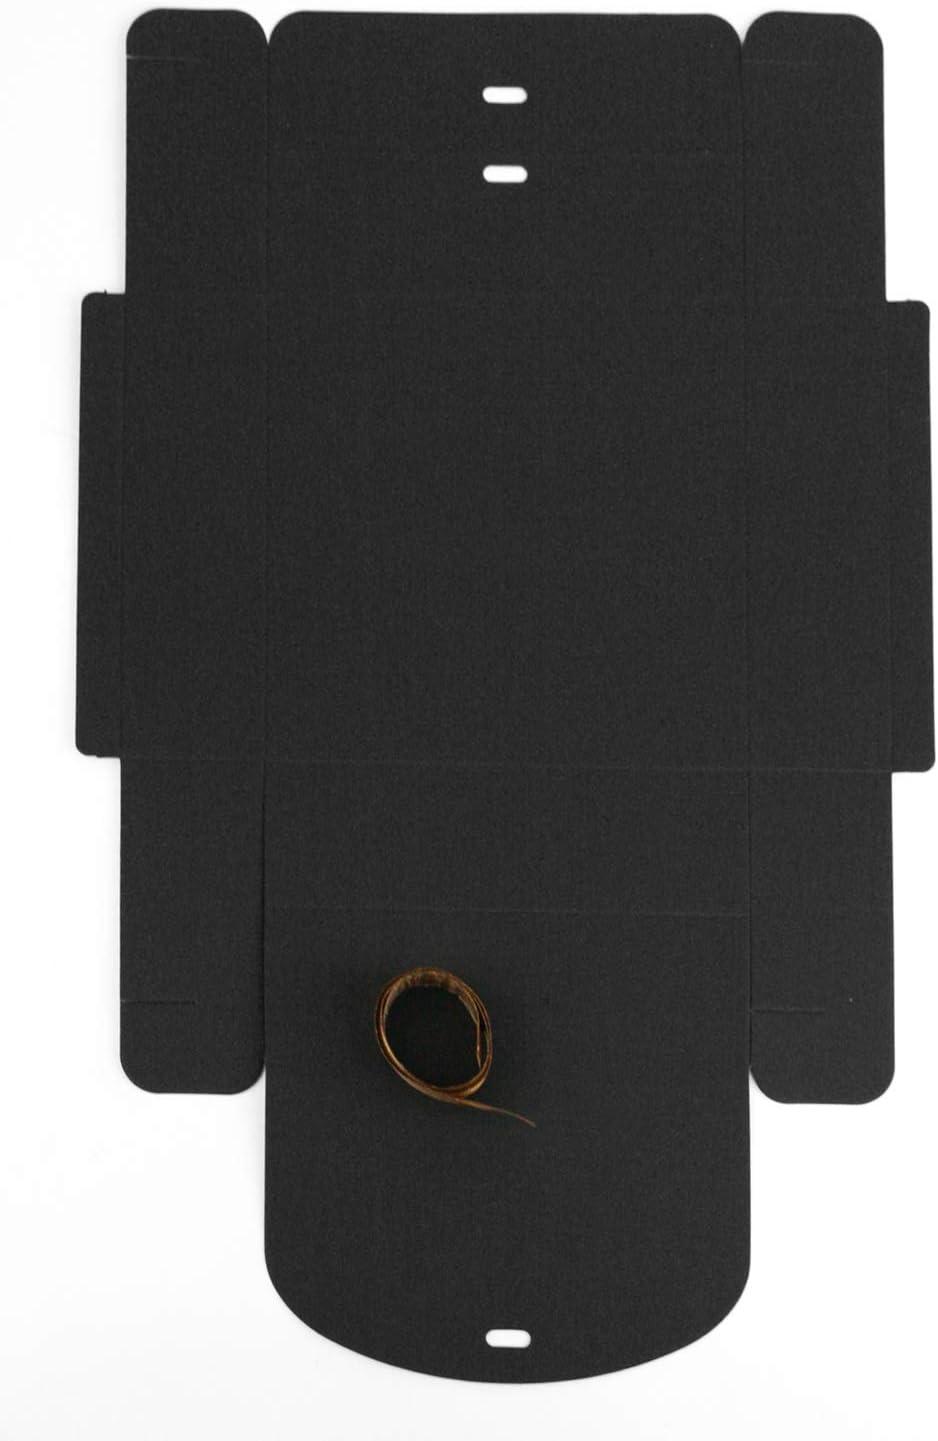 16.5 cm x 16.5 cm x 5 cm Emartbuy Paquete de 12 Caja de Regalo de Presentaci/ón en Forma Cuadrada F/ácil Montaje Caja de Kraft Negra Con Cinta de Lazo